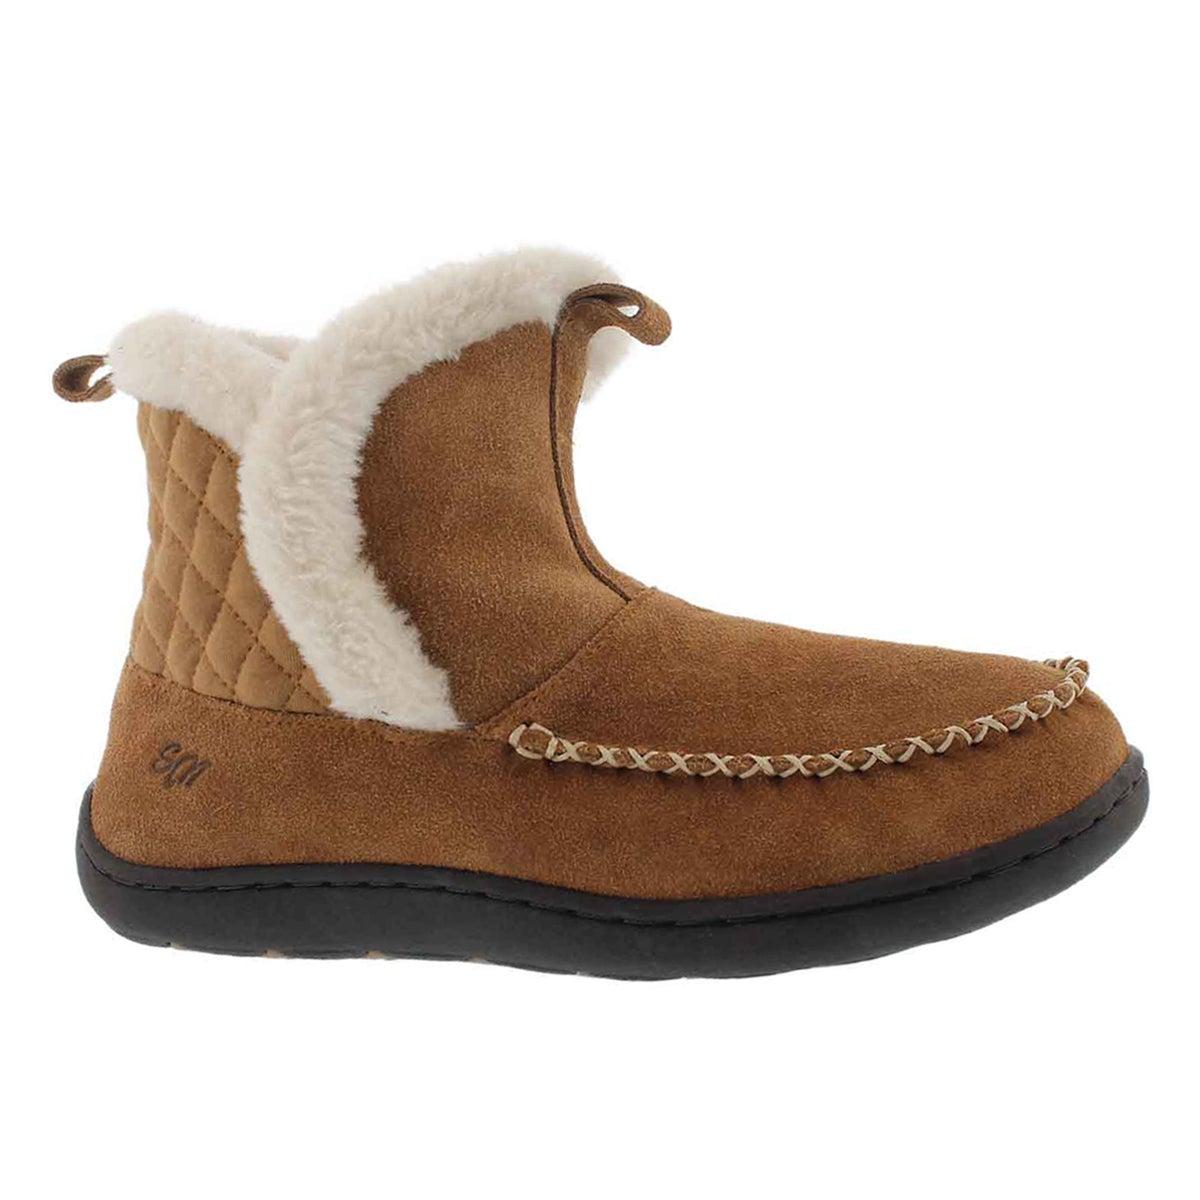 Women's PHOEBE LO chestnut suede slipper booties